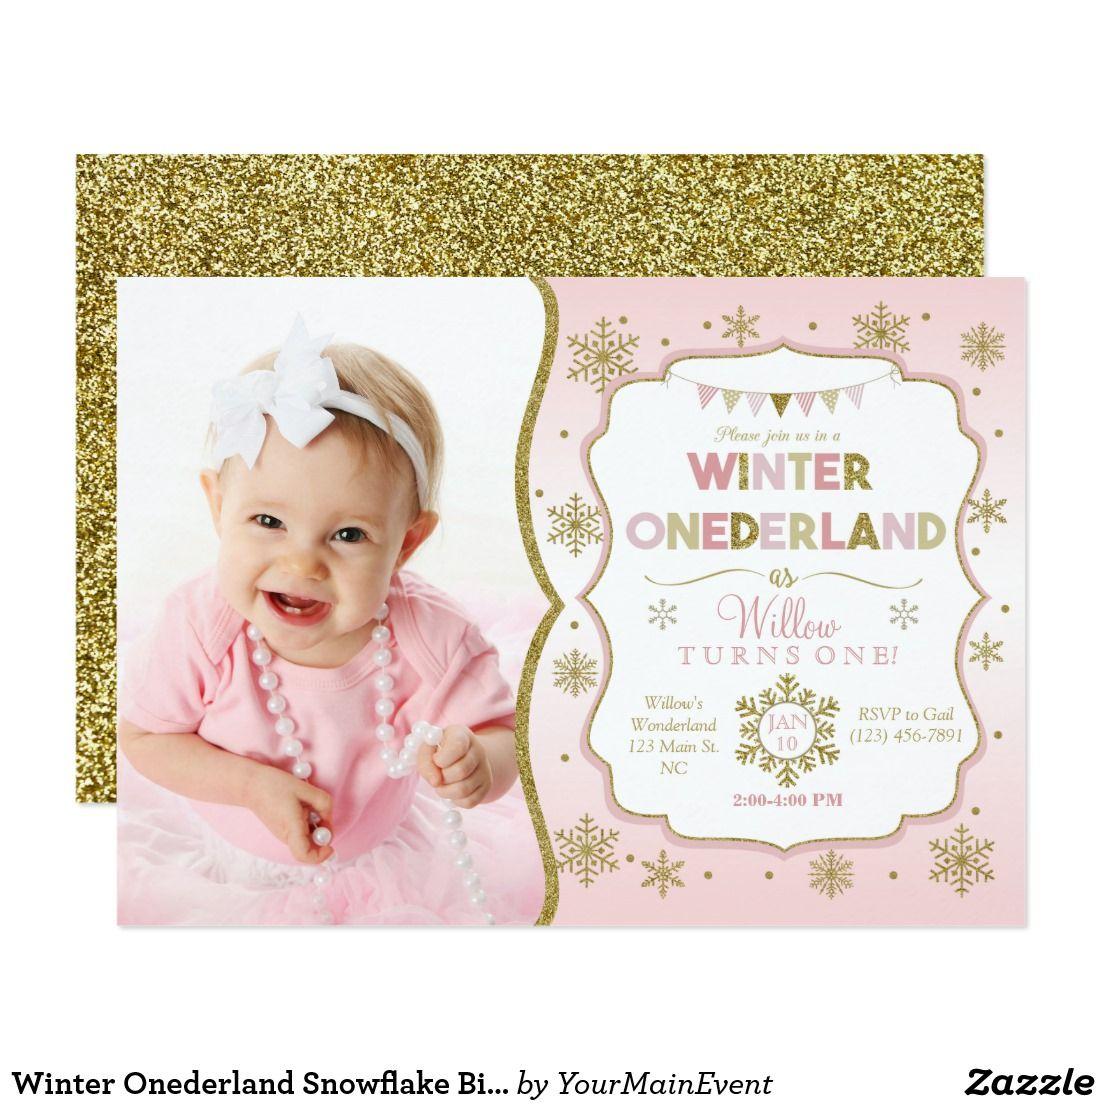 Winter Onederland Snowflake Birthday Invitation | Winter onederland ...